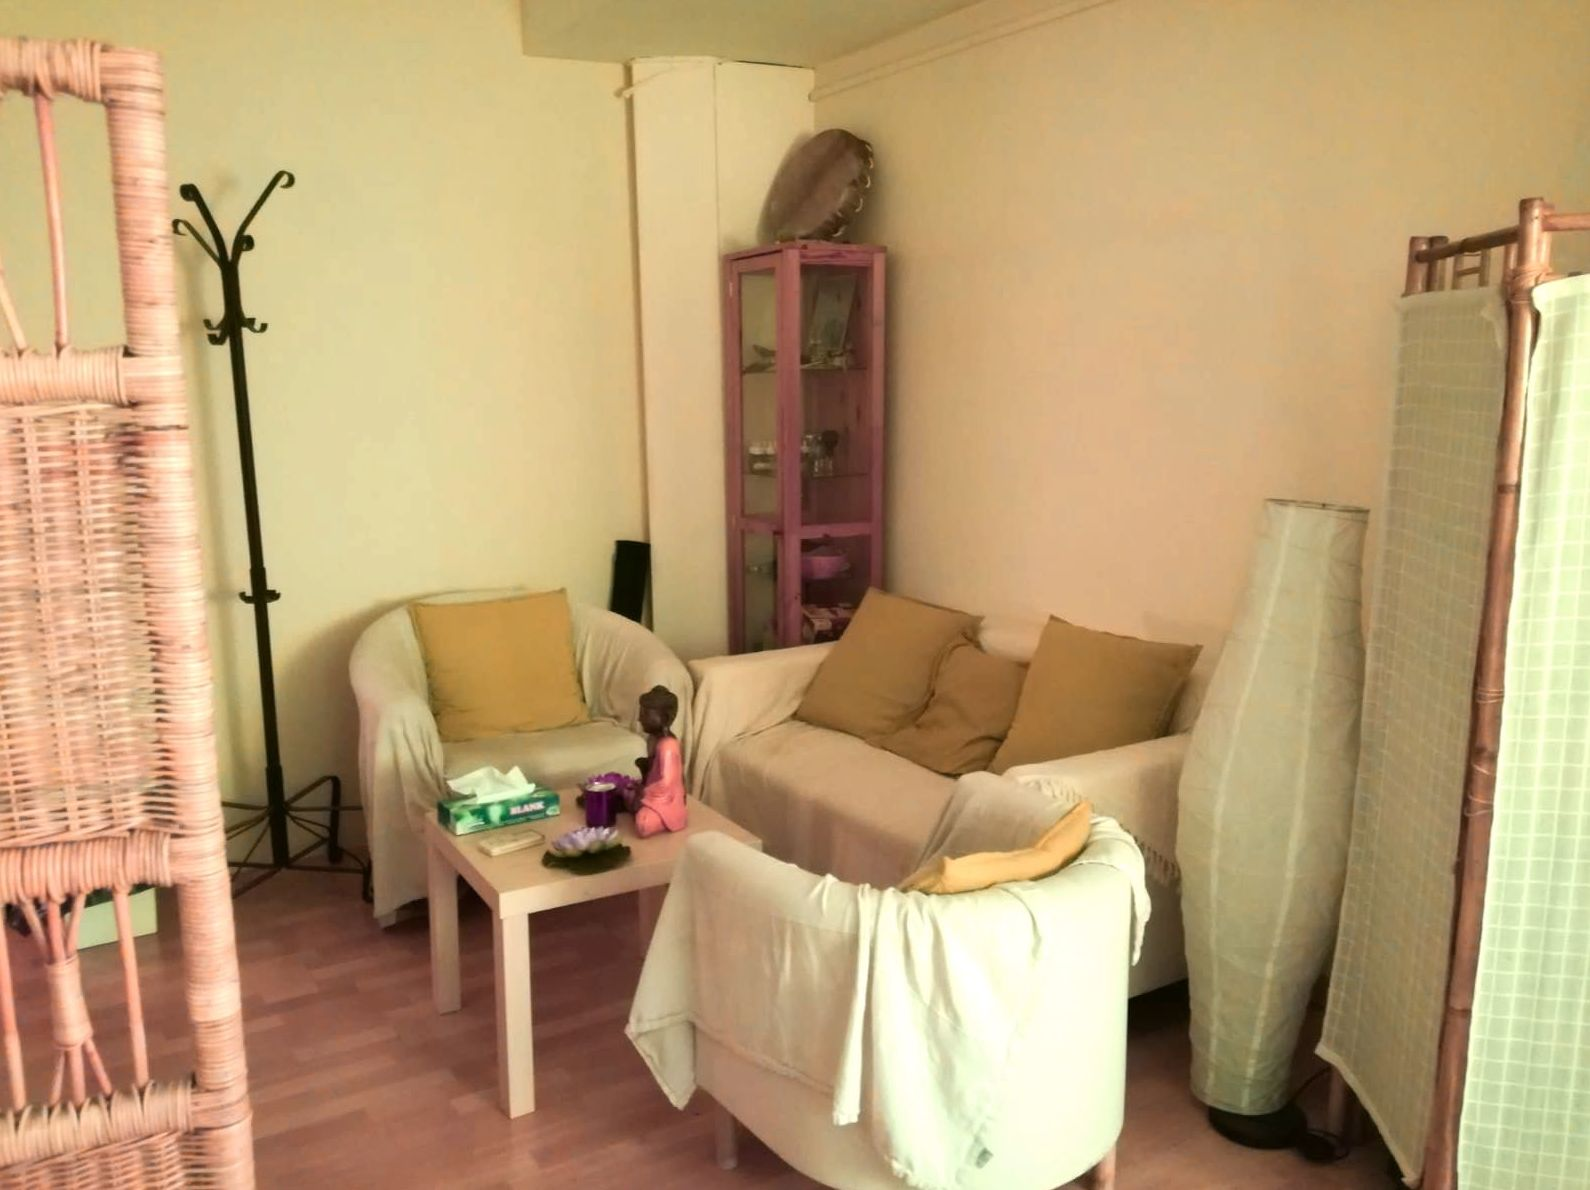 Foto 6 de Terapias naturales en Sabadell   Elena Tamayo Terapies